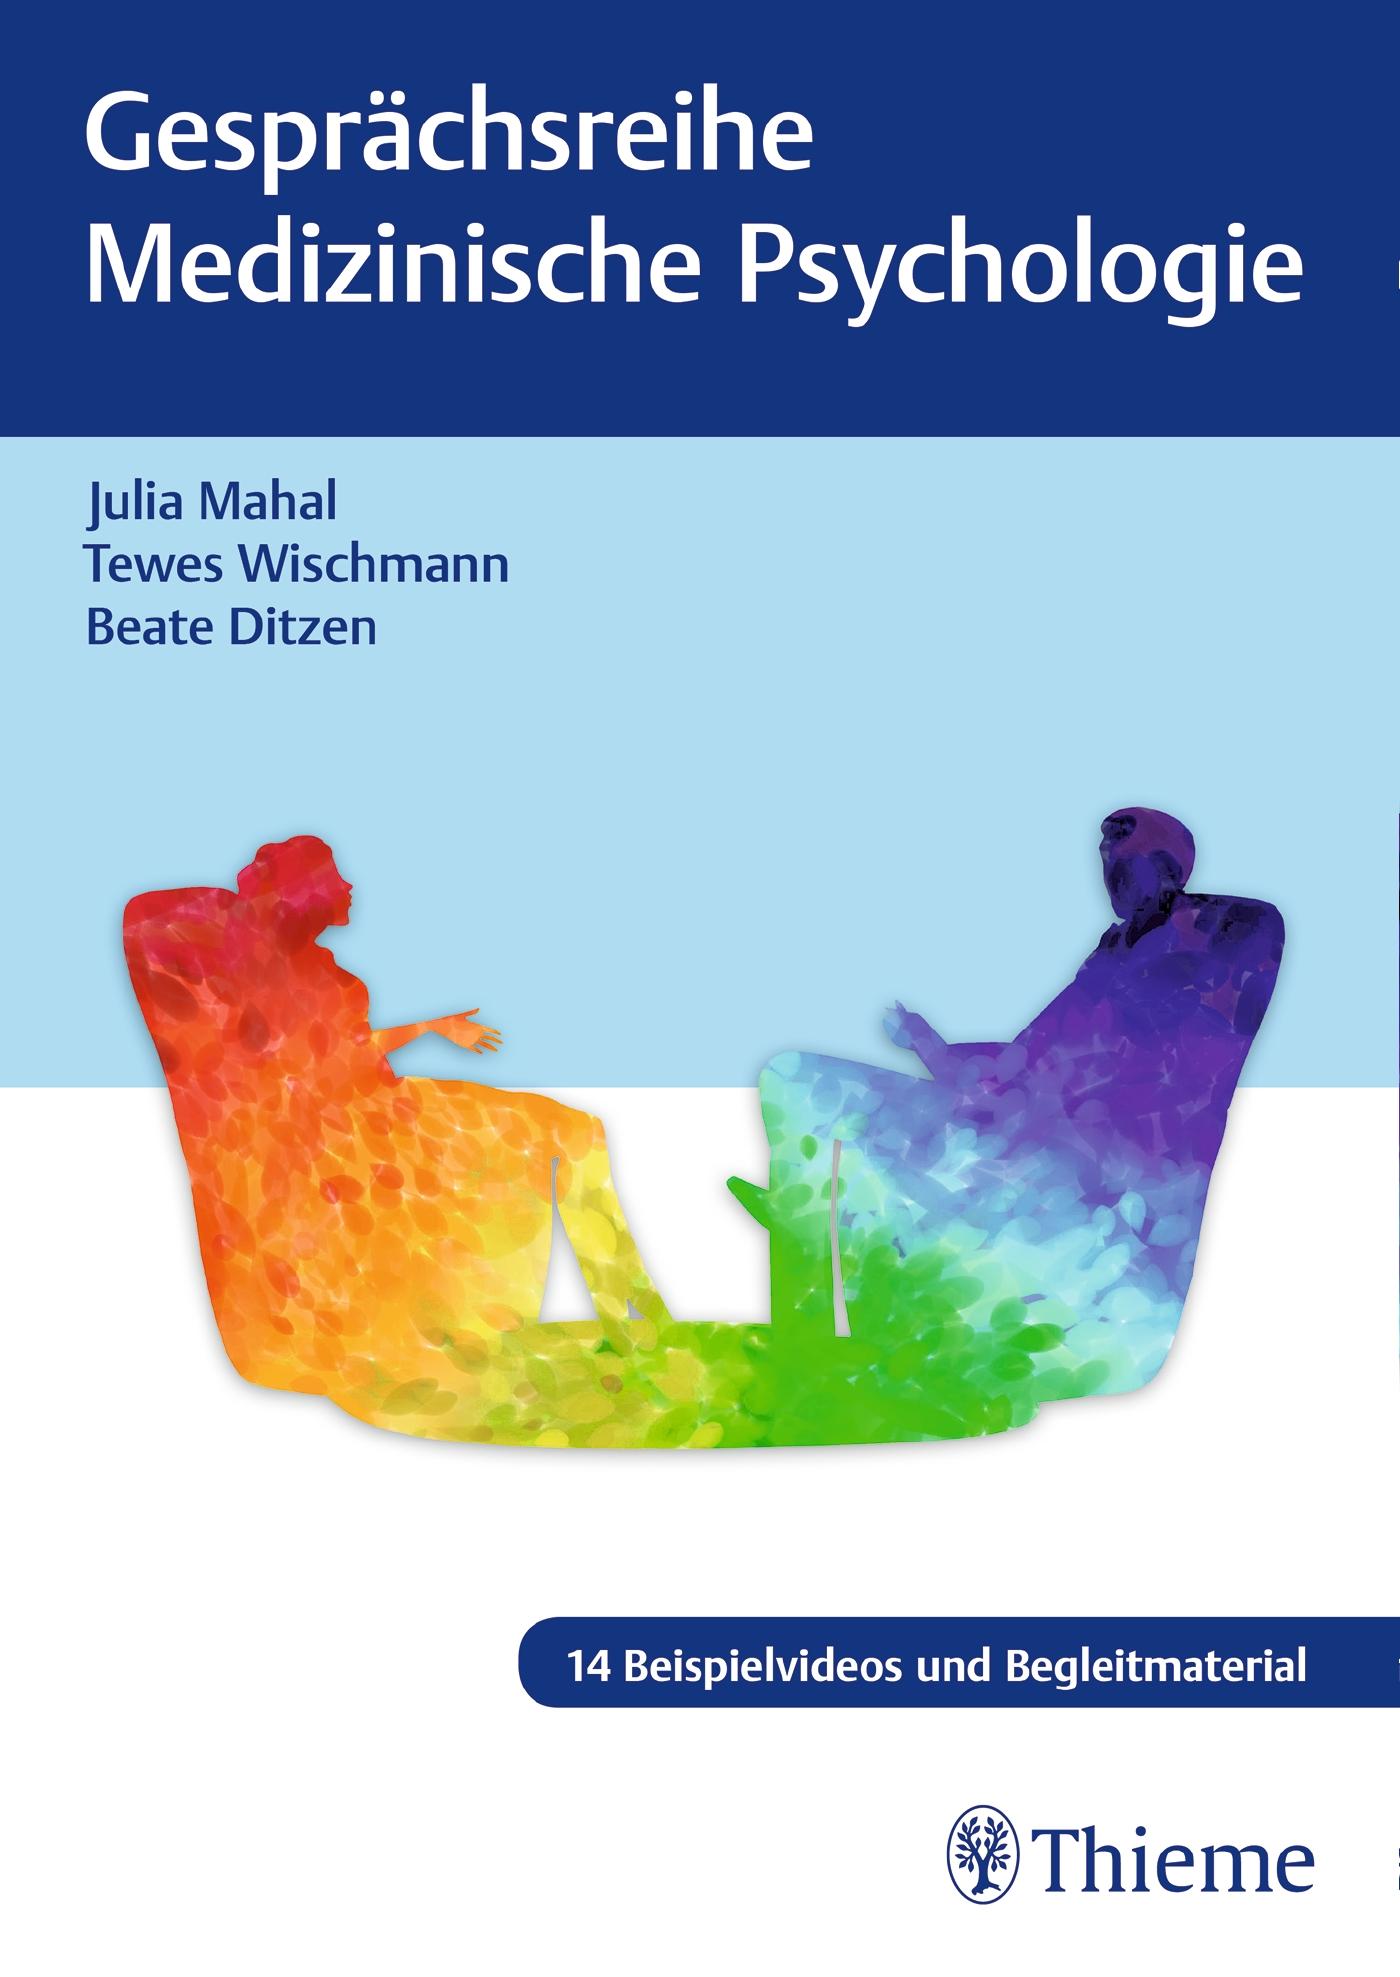 Gesprächsreihe Medizinische Psychologie